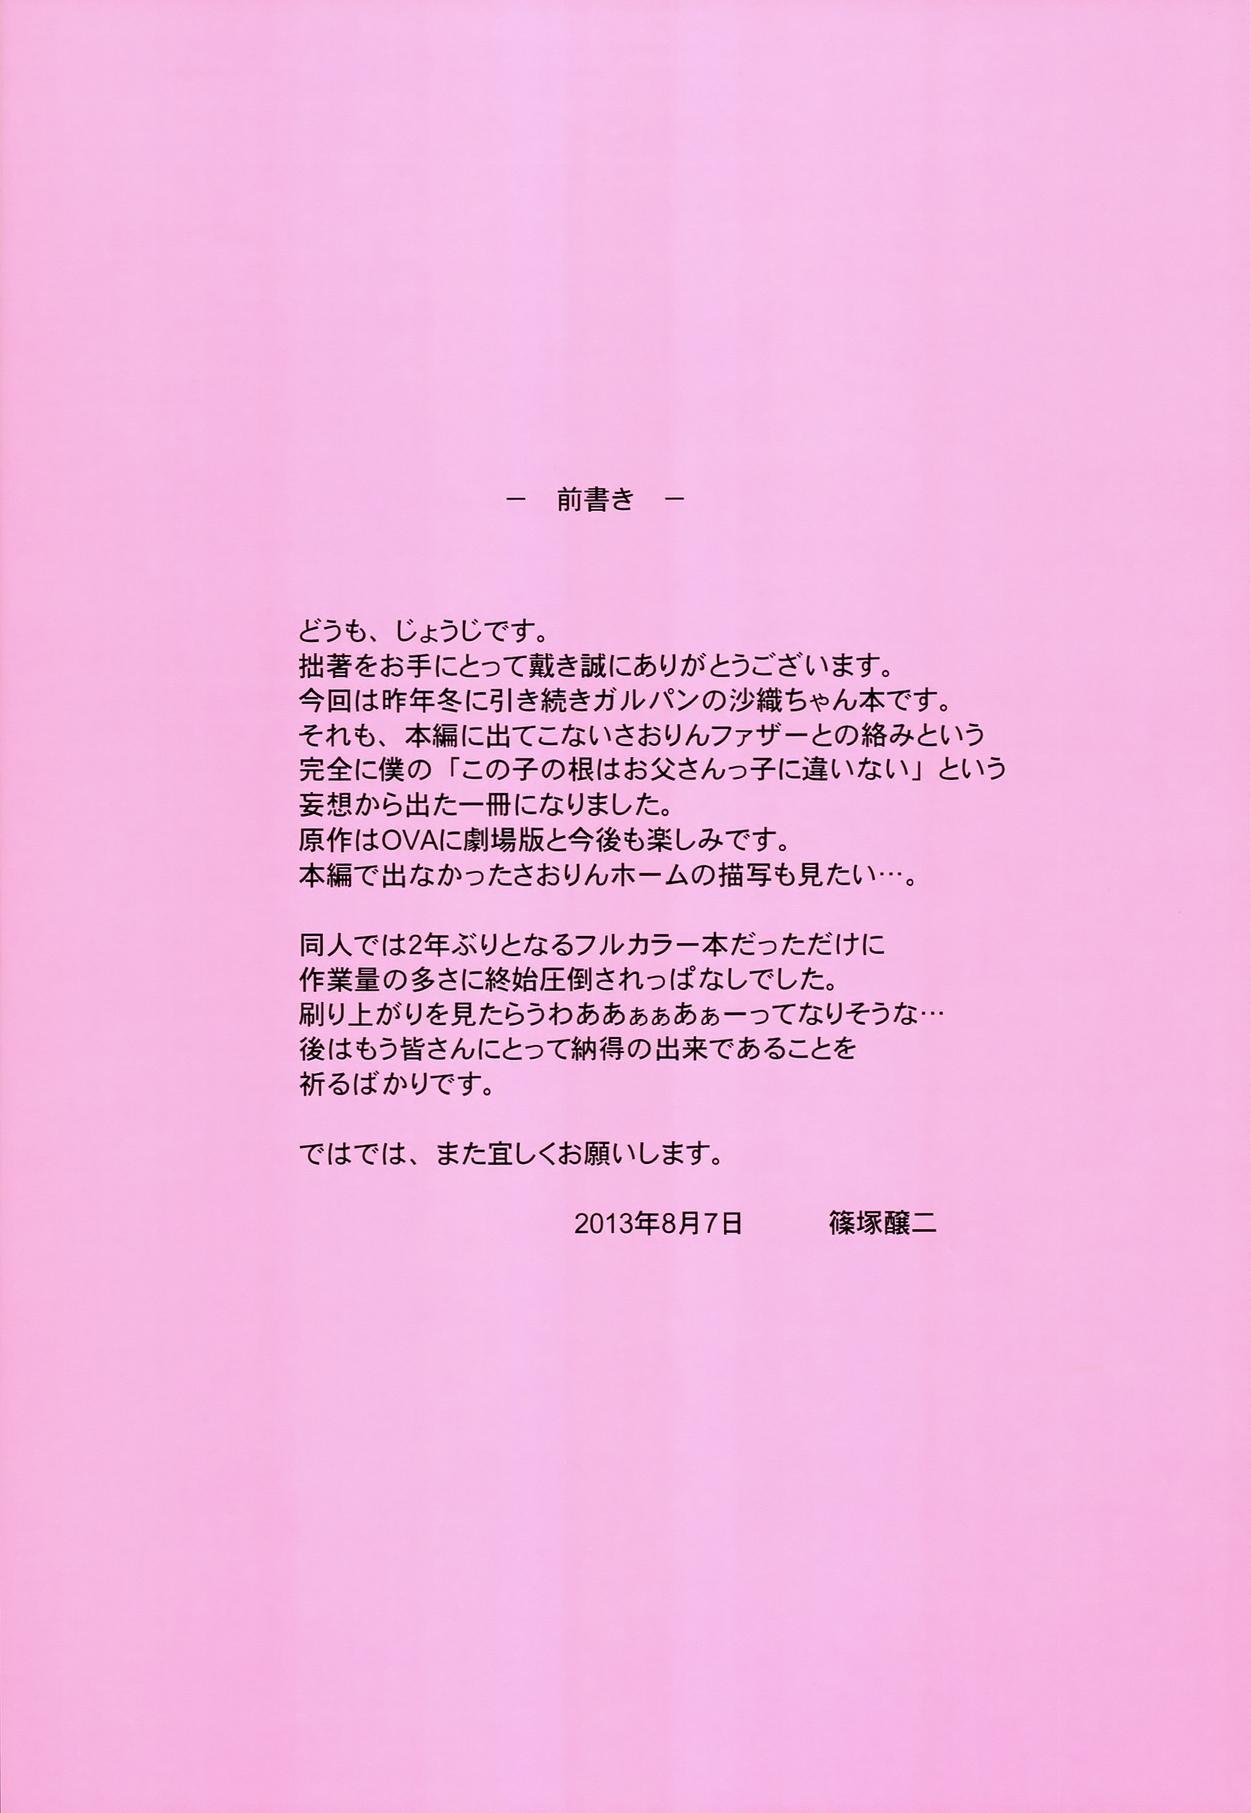 Datte Otousan ni Mainichi Suki tte Iwarerunndamon 1